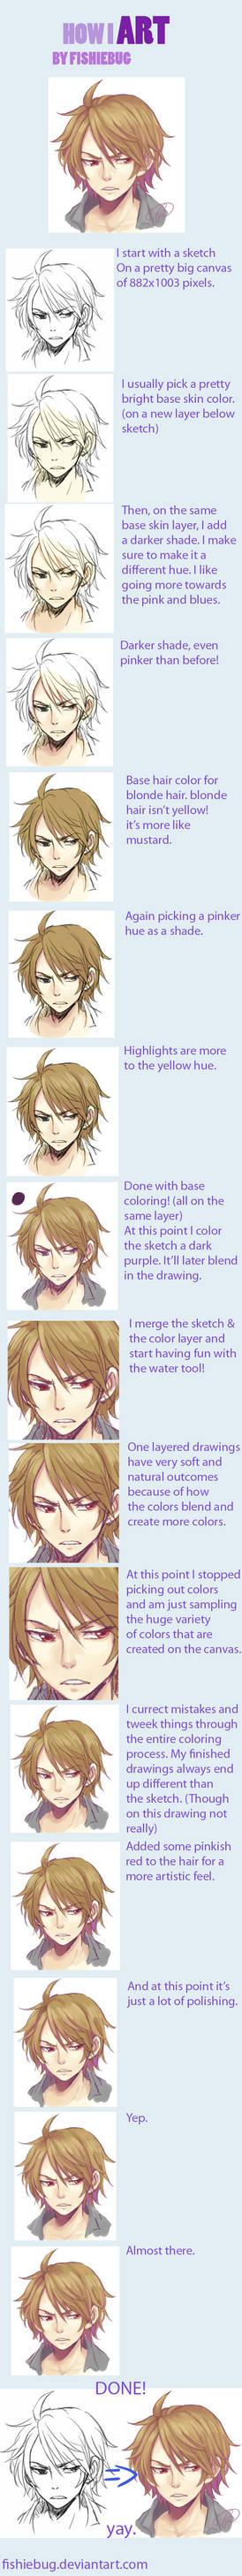 How I art - Fi's coloring process